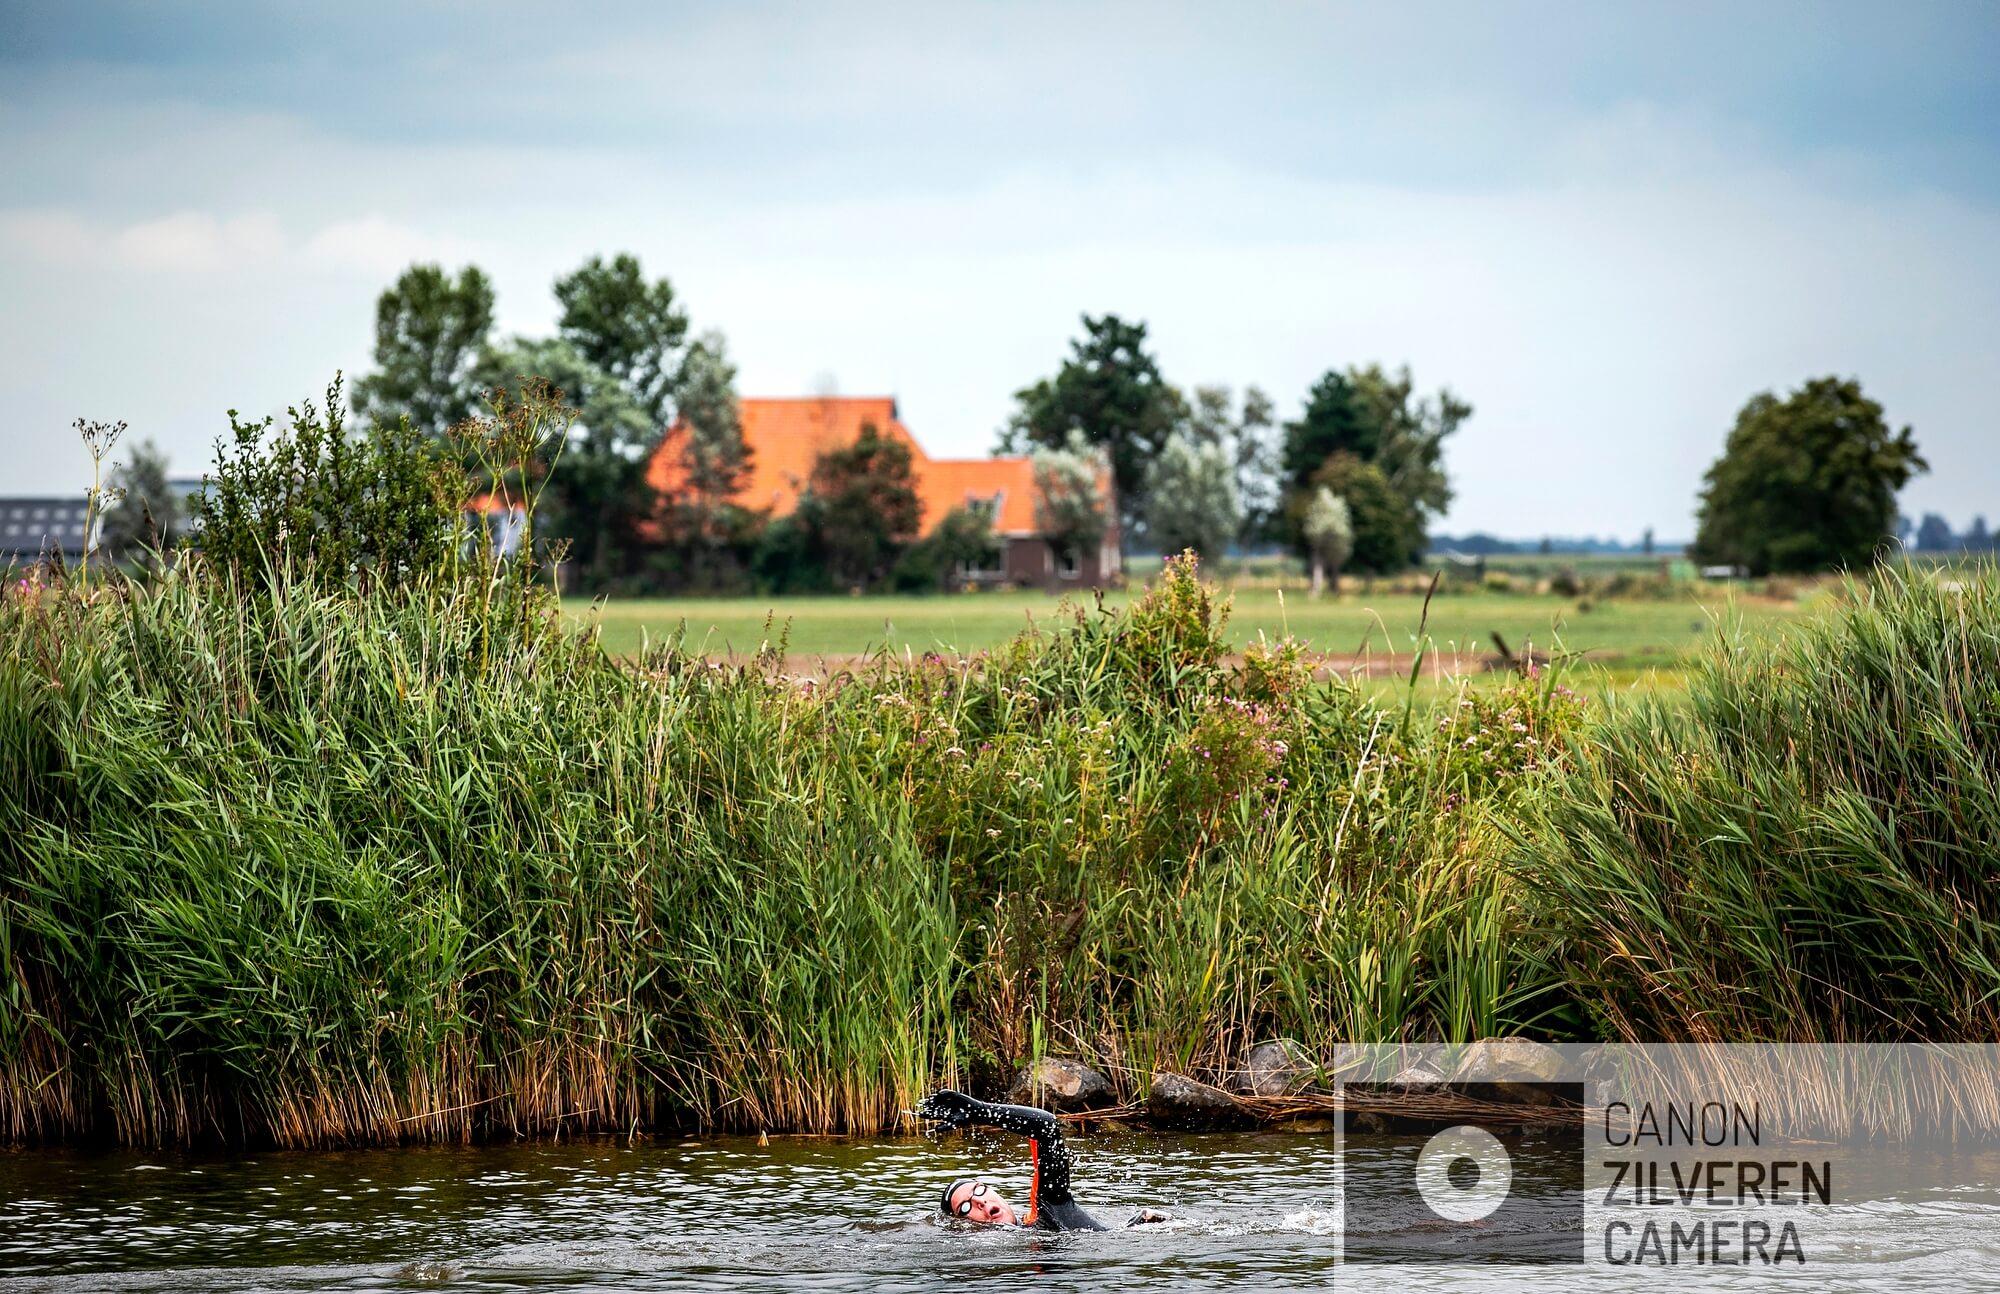 SLOTEN - Olympisch zwemkampioen Maarten van der Weijden op de eerste dag van zijn 11stedenzwemtocht. De langeafstandszwemmer legt 200 kilometer af om geld in te zamelen voor kankeronderzoek.